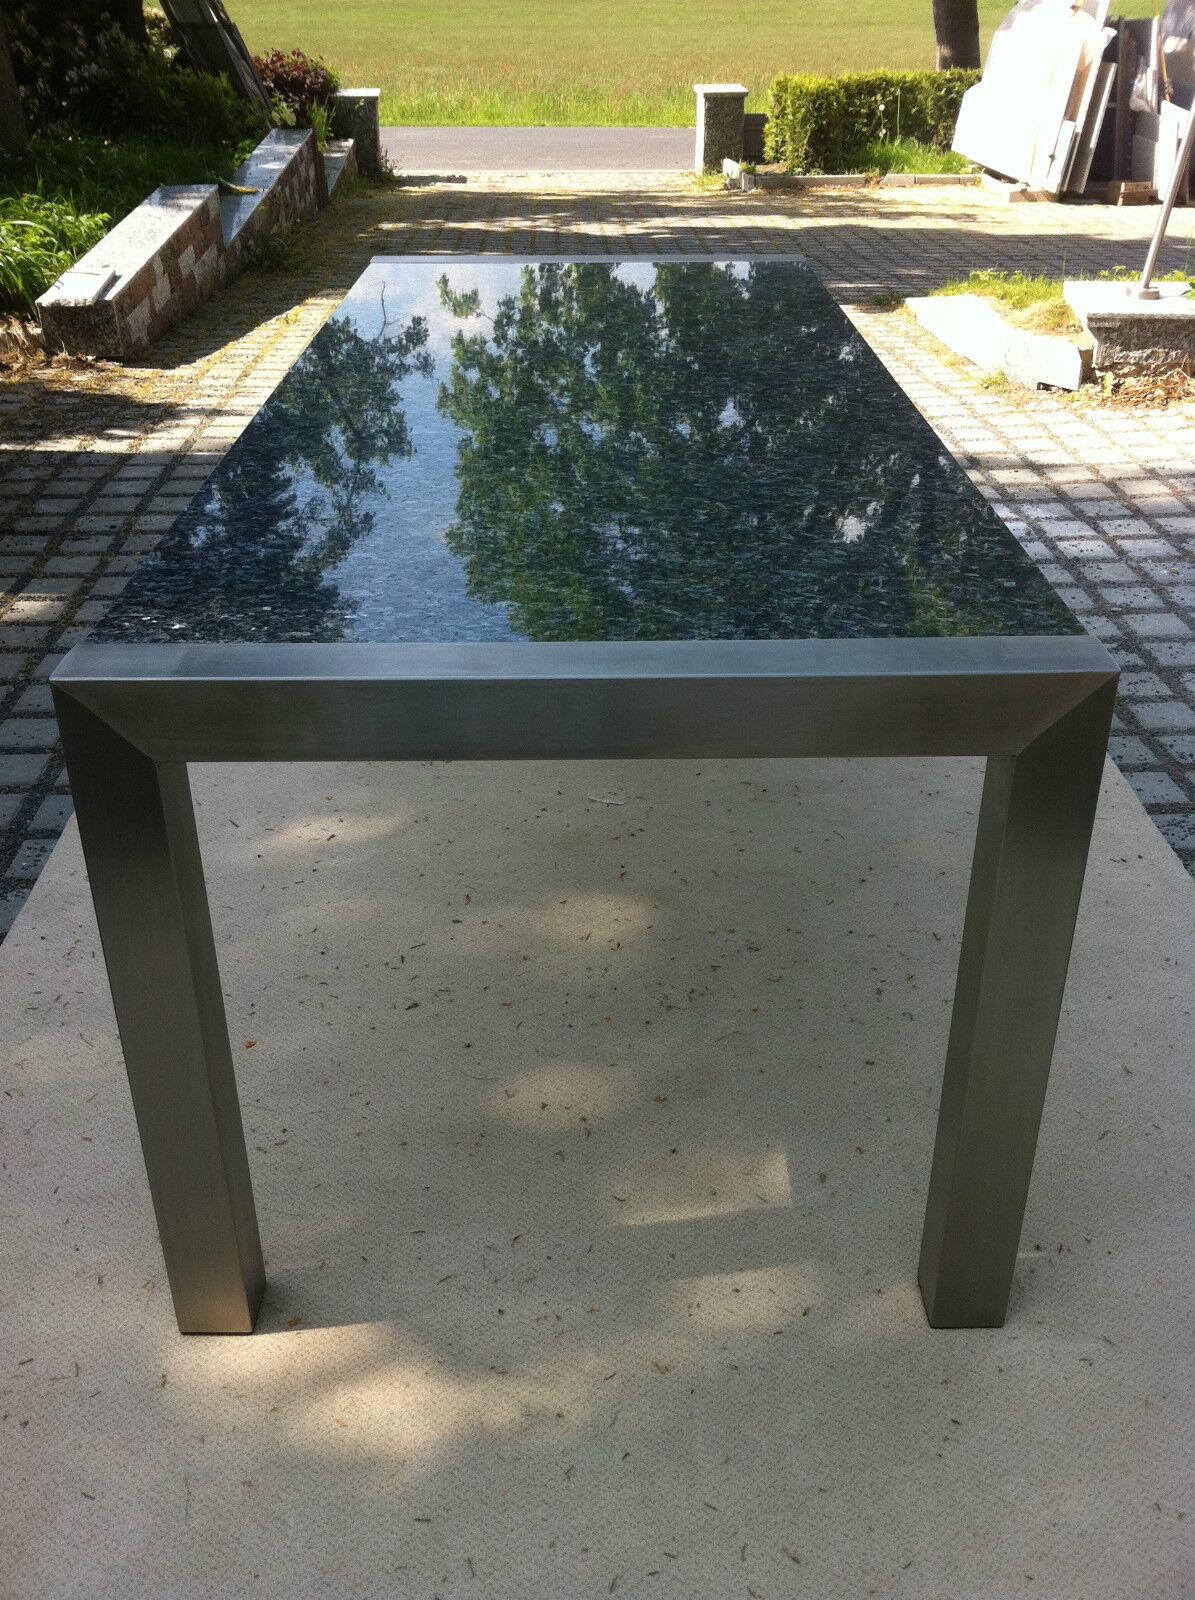 Gartentisch outdoor tisch esstisch k chentisch naturstein - Wohnzimmertisch steinplatte ...